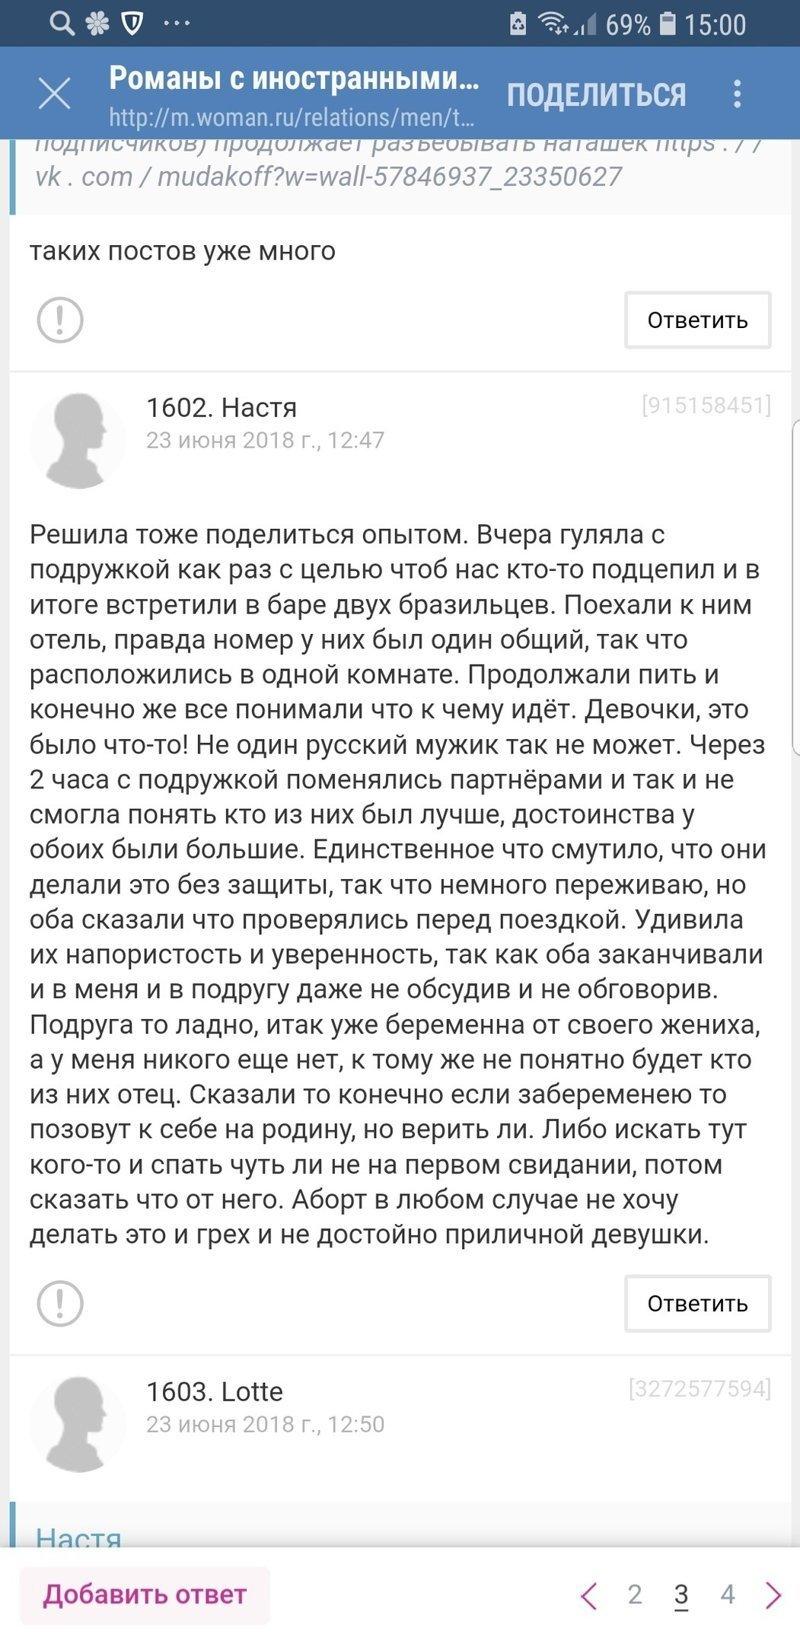 Пост в тему: Распутные Наташи ЧМ-2018, или почему в России скоро будет много матерей-одиночек вконтакте, девушки, мужики, ненависть, претензии, слабоумие и отвага, соцсети